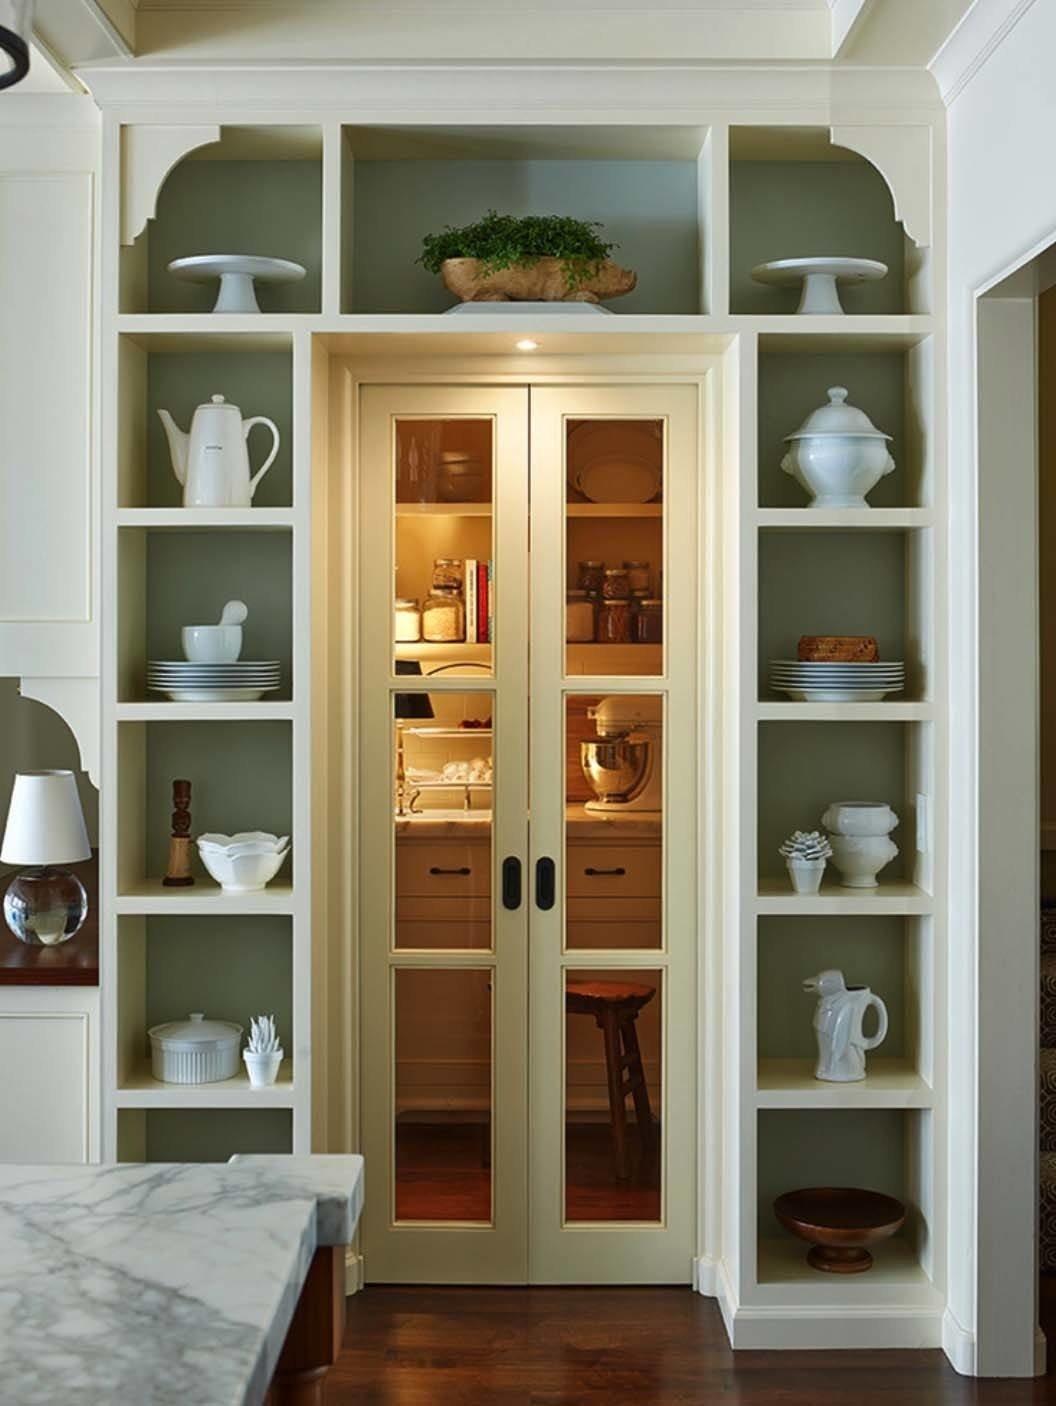 Посуда считается прекрасной альтернативой для декорирования стеллажей в кухне.